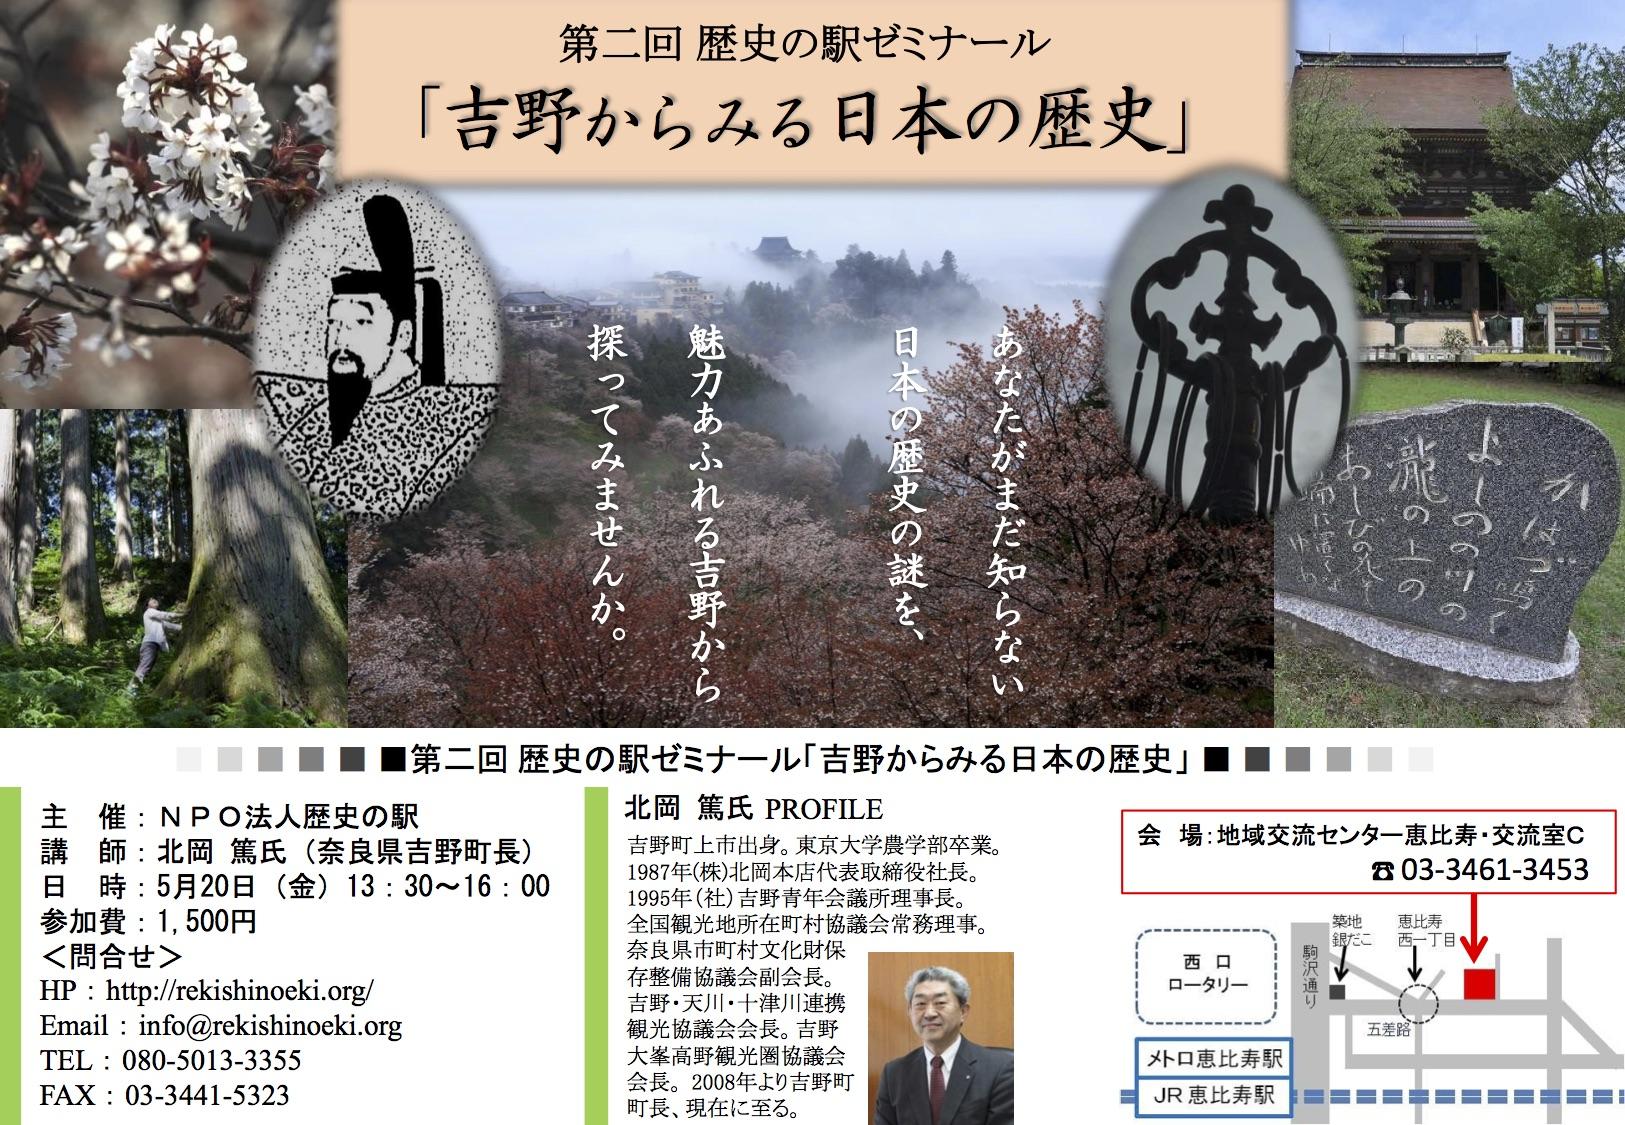 5月20日(木)開催の歴史の駅ゼミナール開催のお知らせ「吉野からみる日本の歴史」